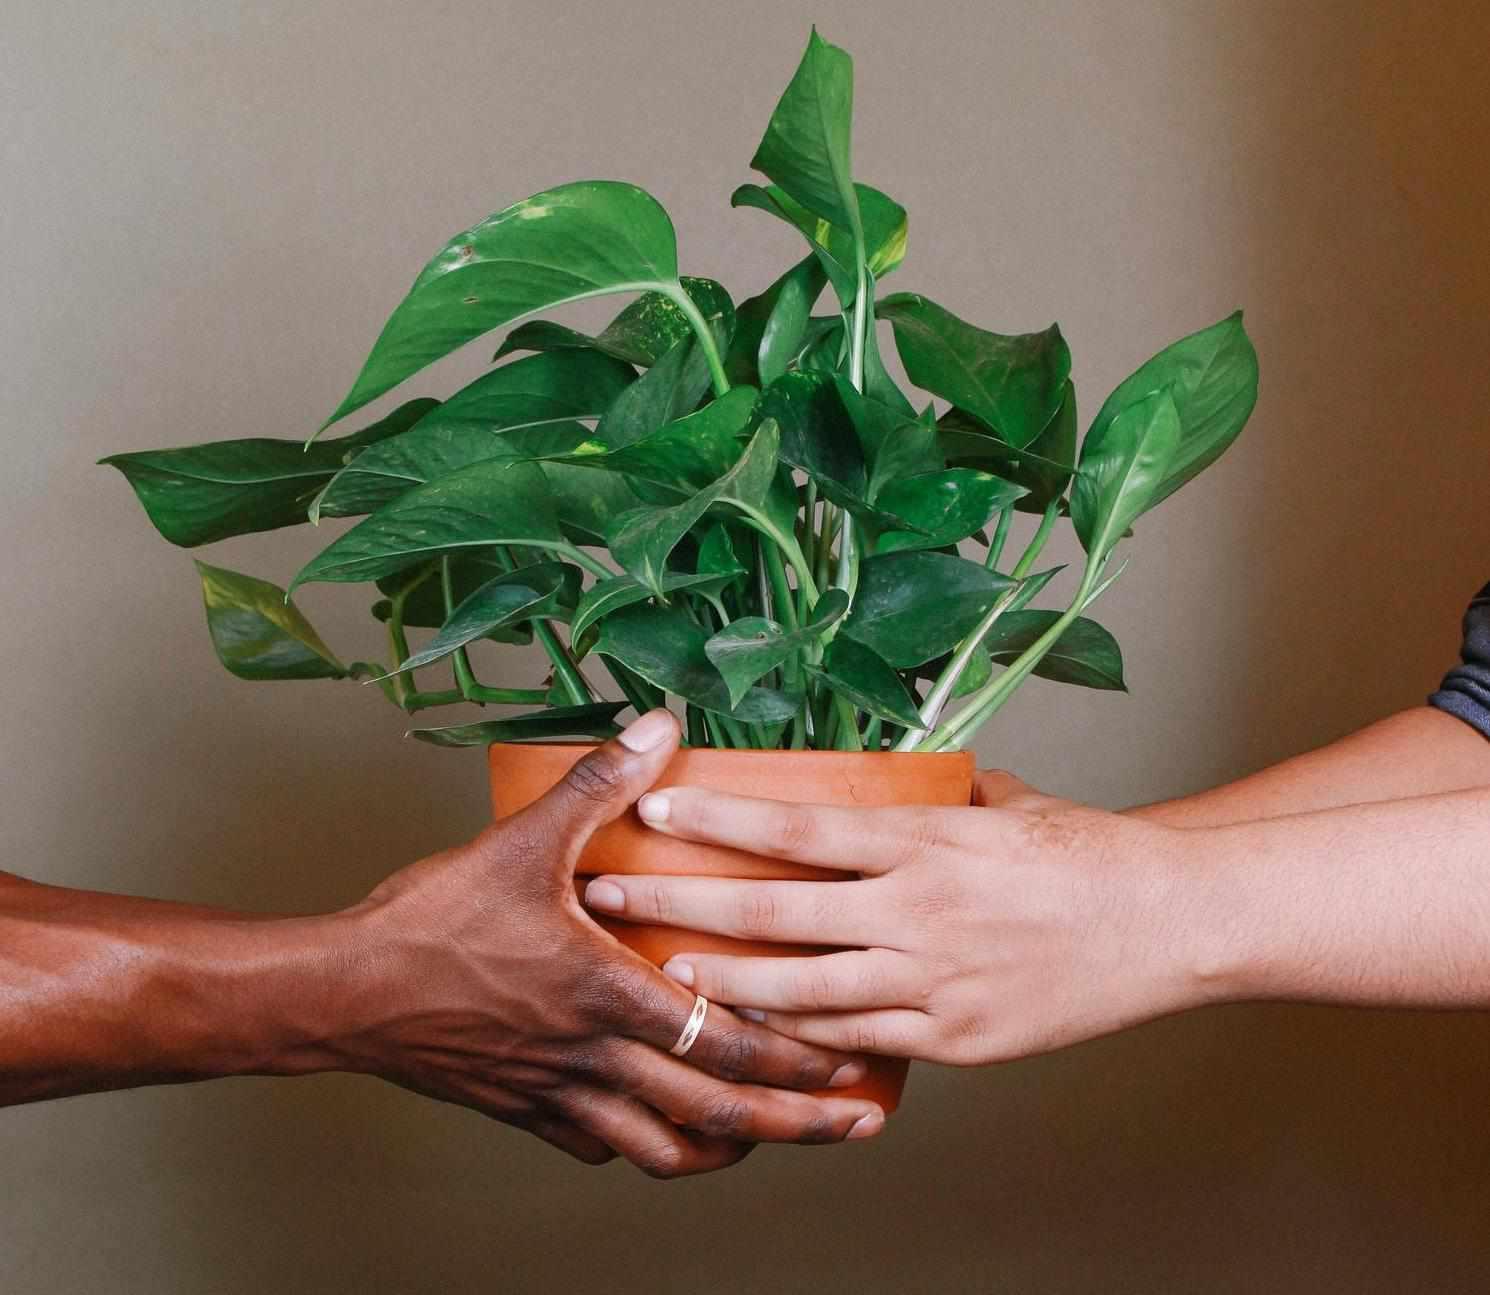 Gente sosteniendo una planta